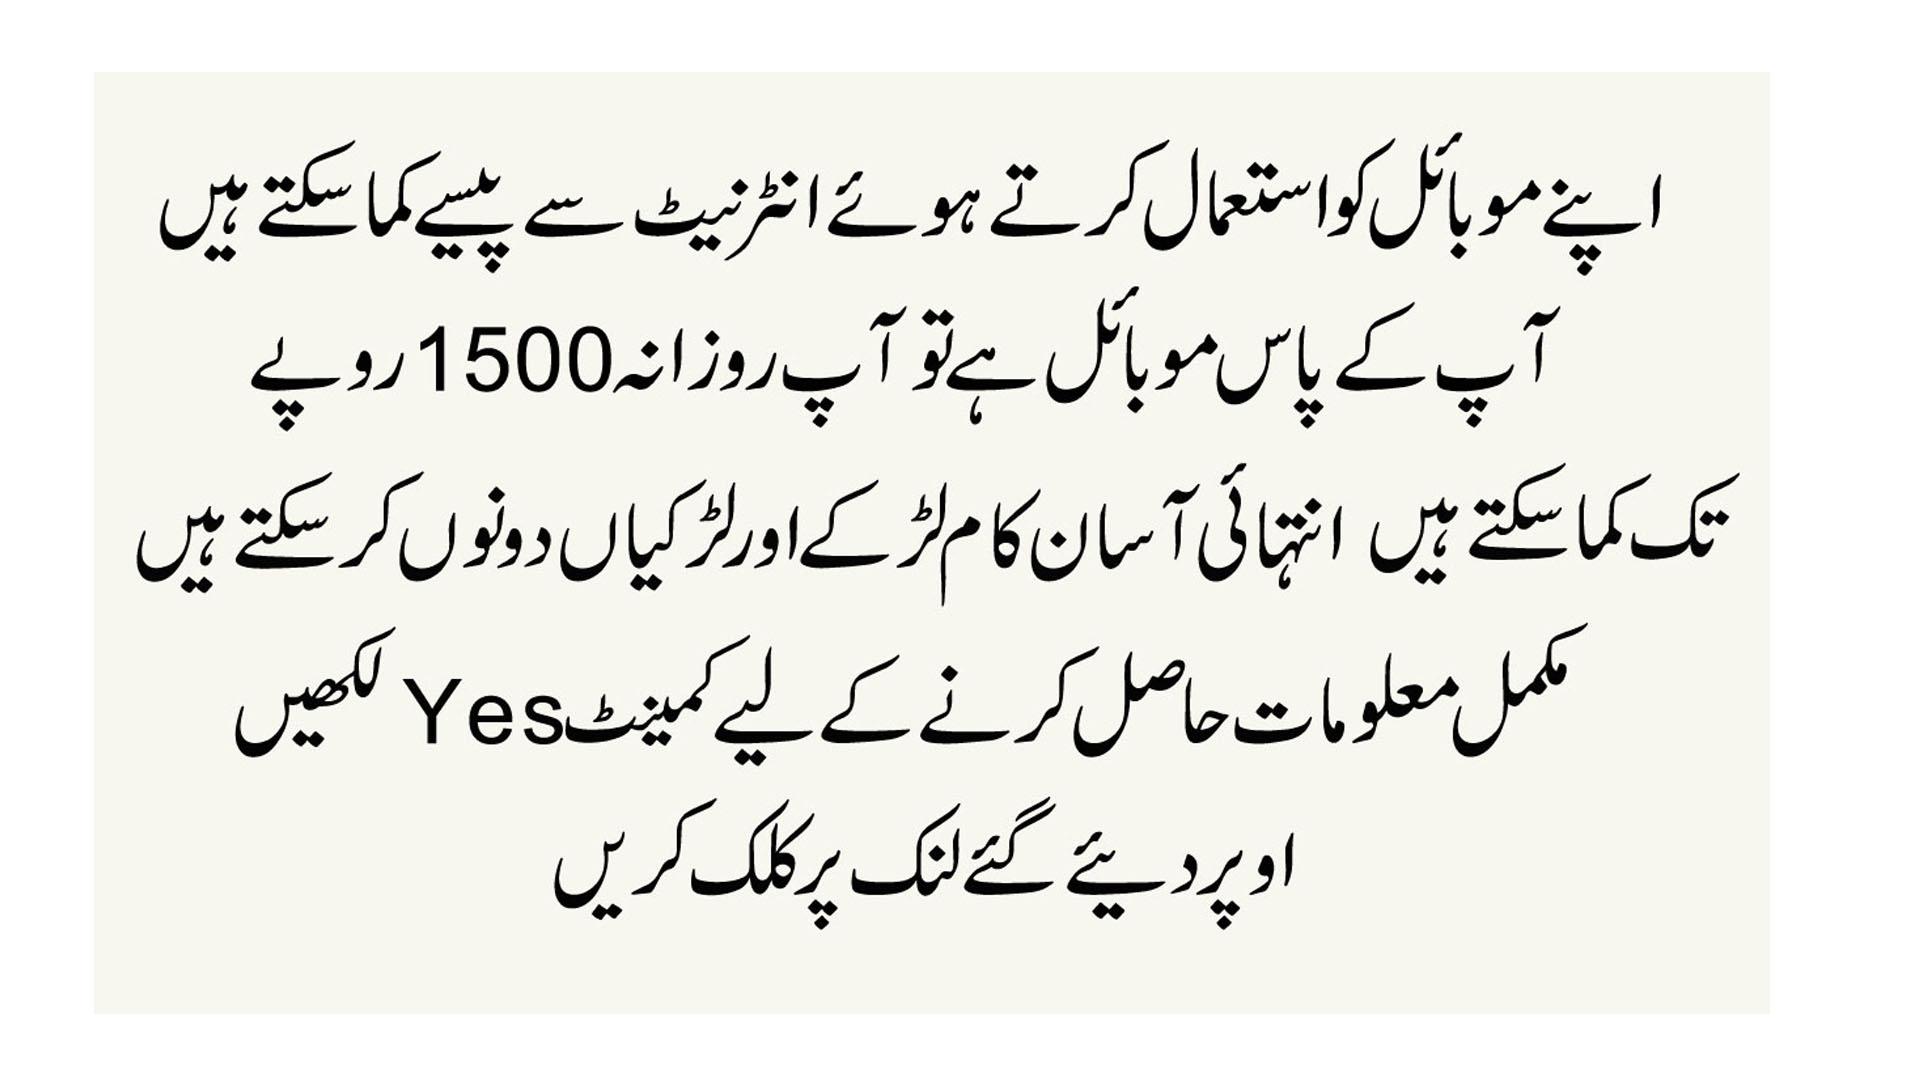 گھر بیٹھے روزانہ 1500 روپے کمانے کا شاندار موقع